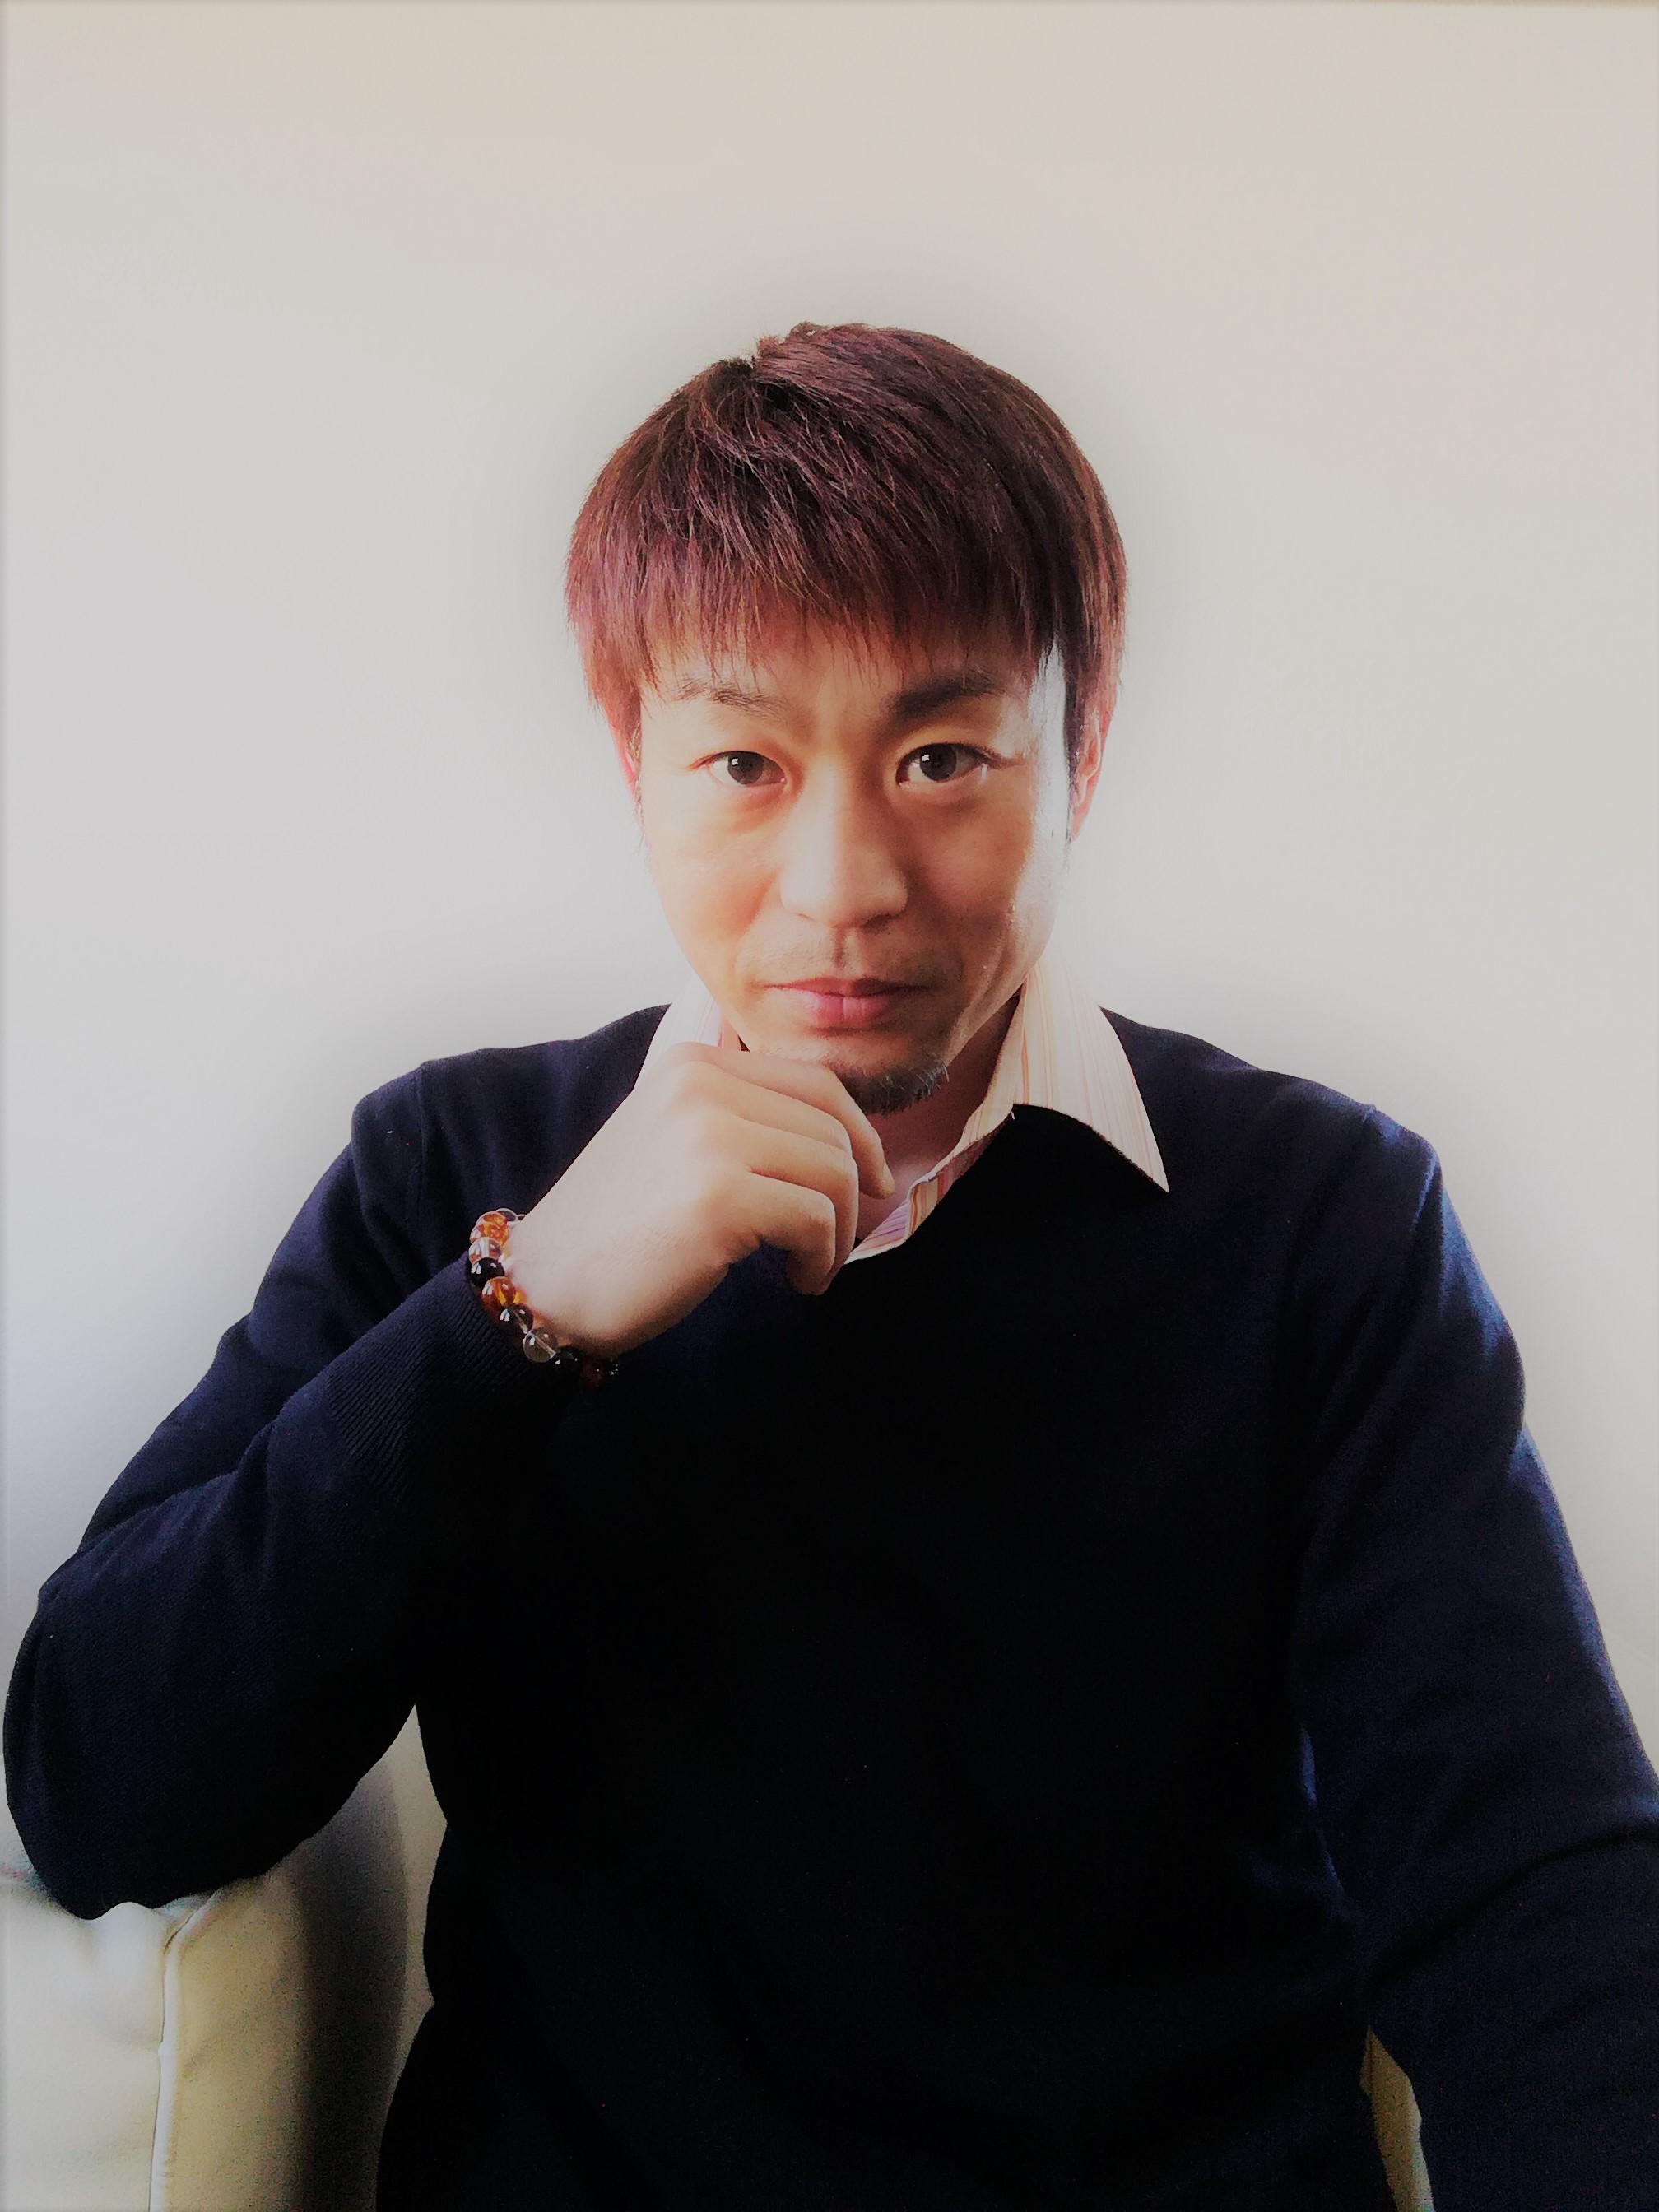 TAKASHIさん